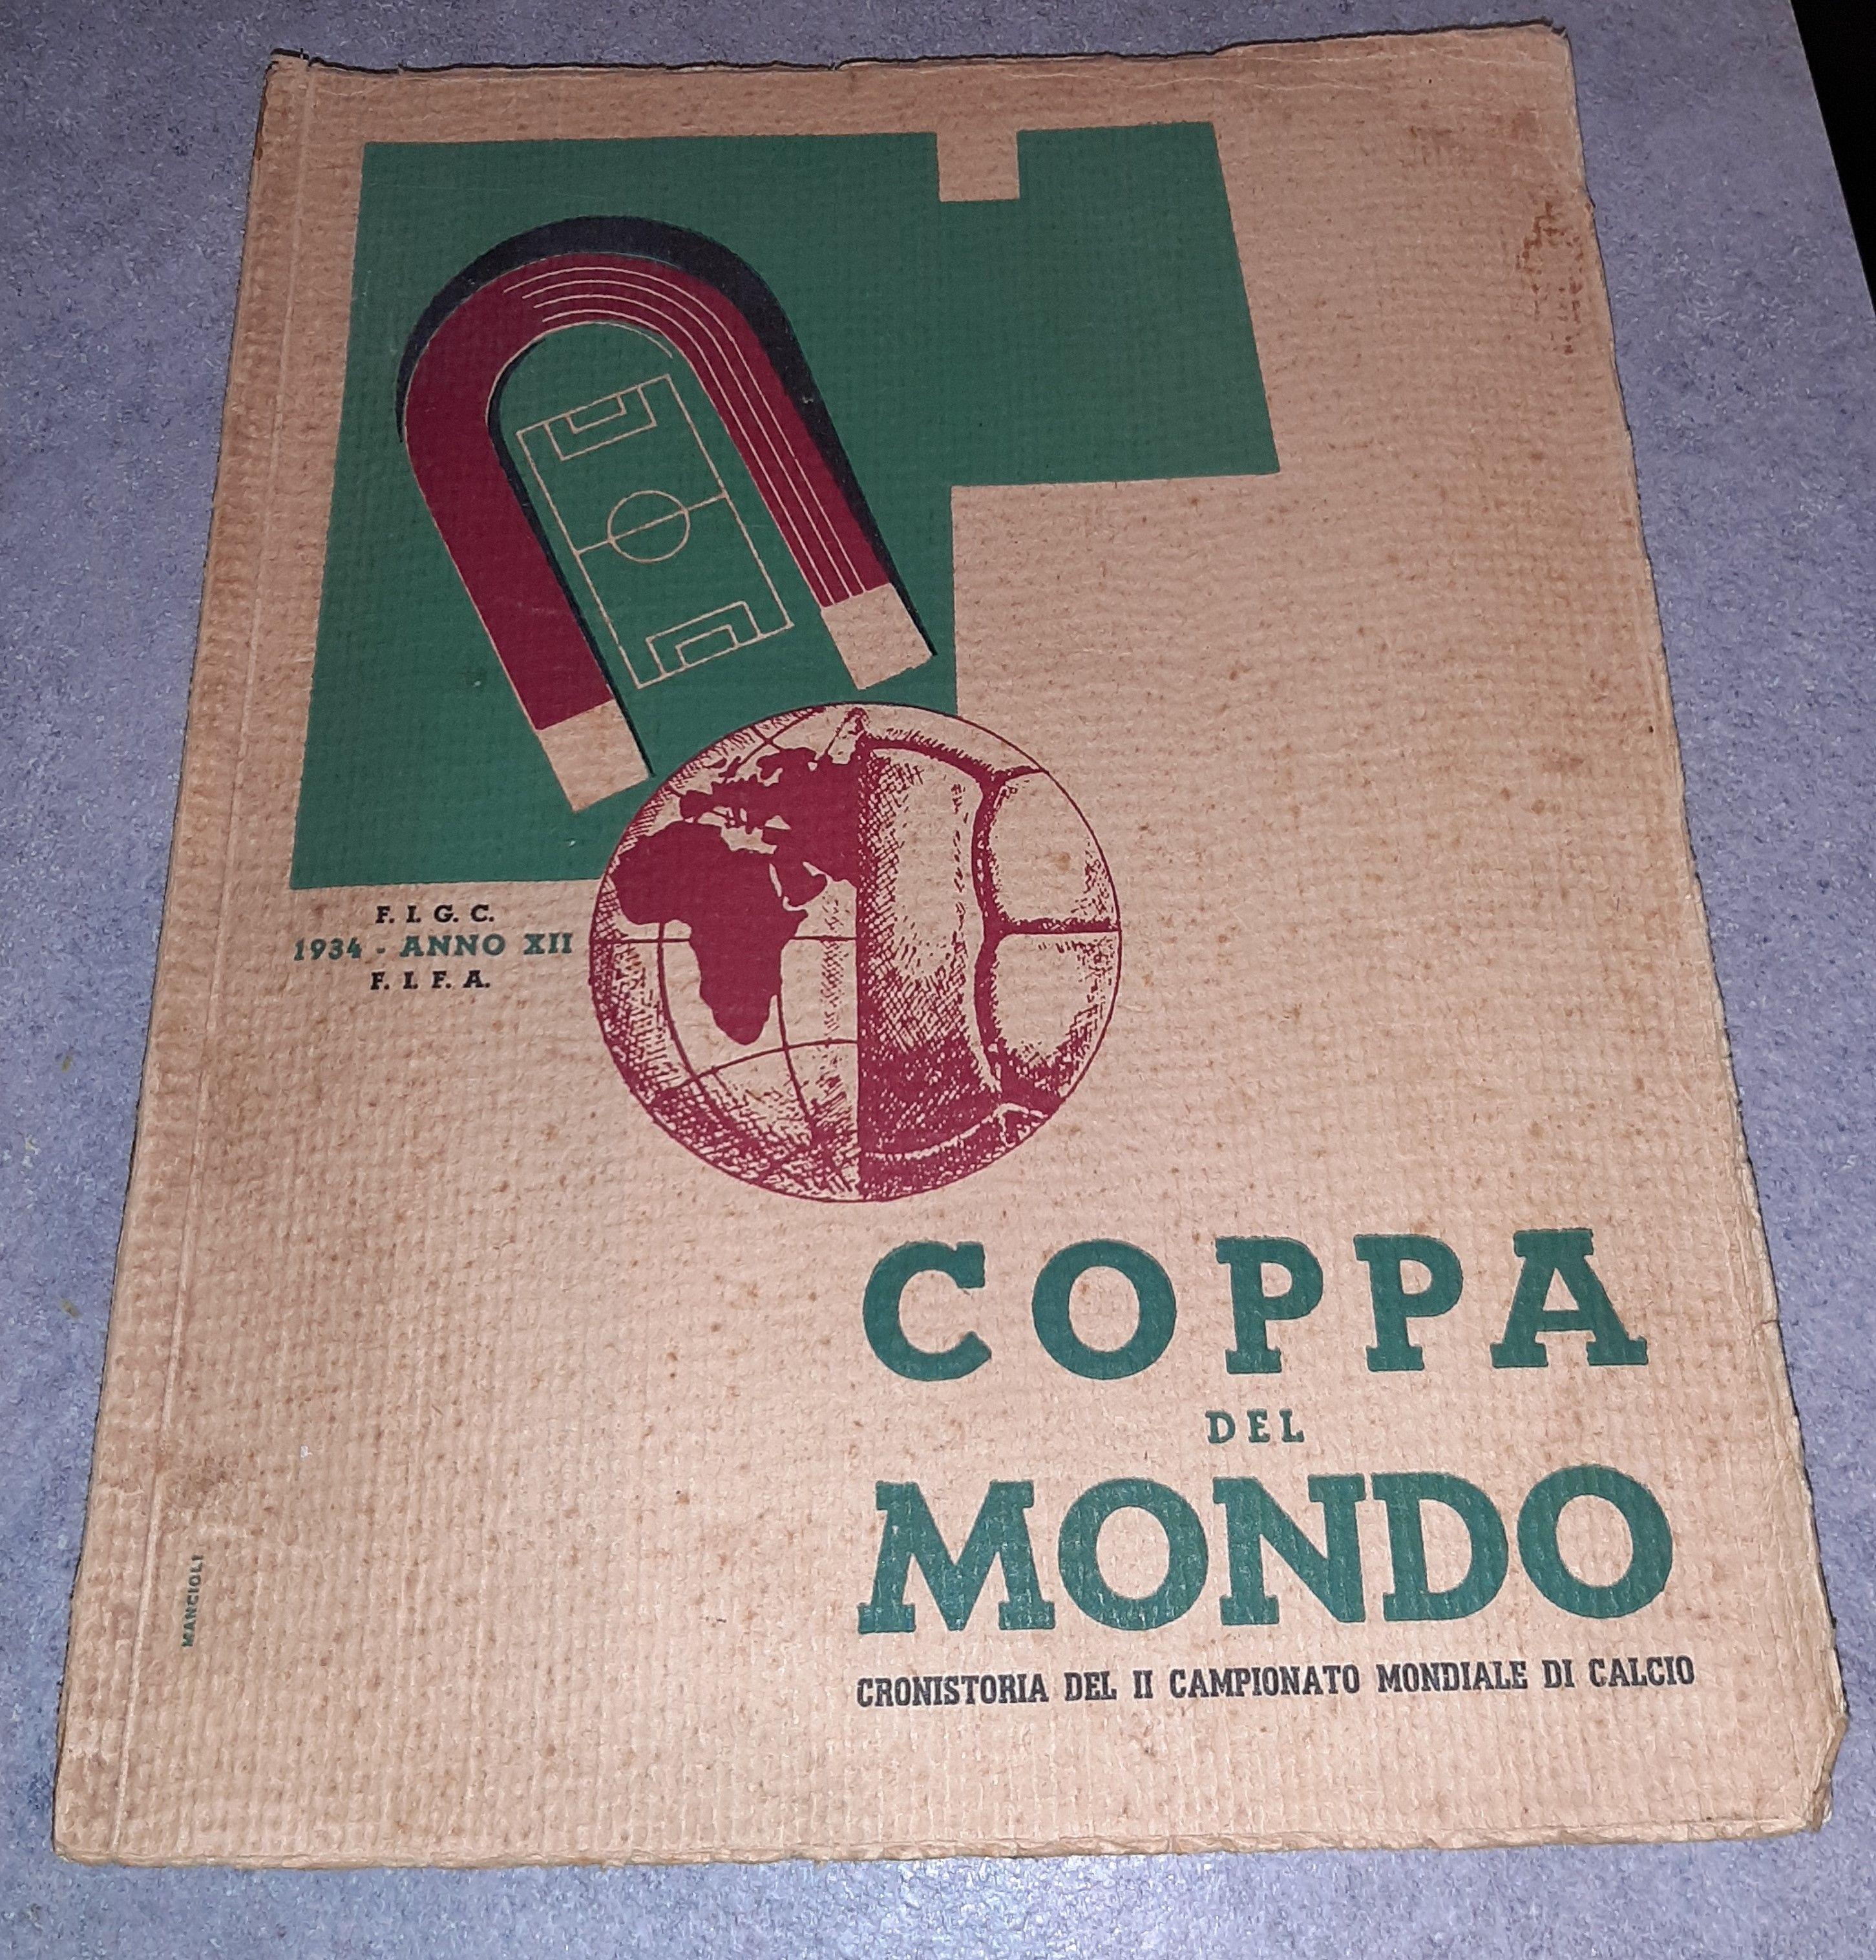 Cronistoria del II Campionato Mondiale di Calcio: un cimelio che dovrebbe stare in un Museo